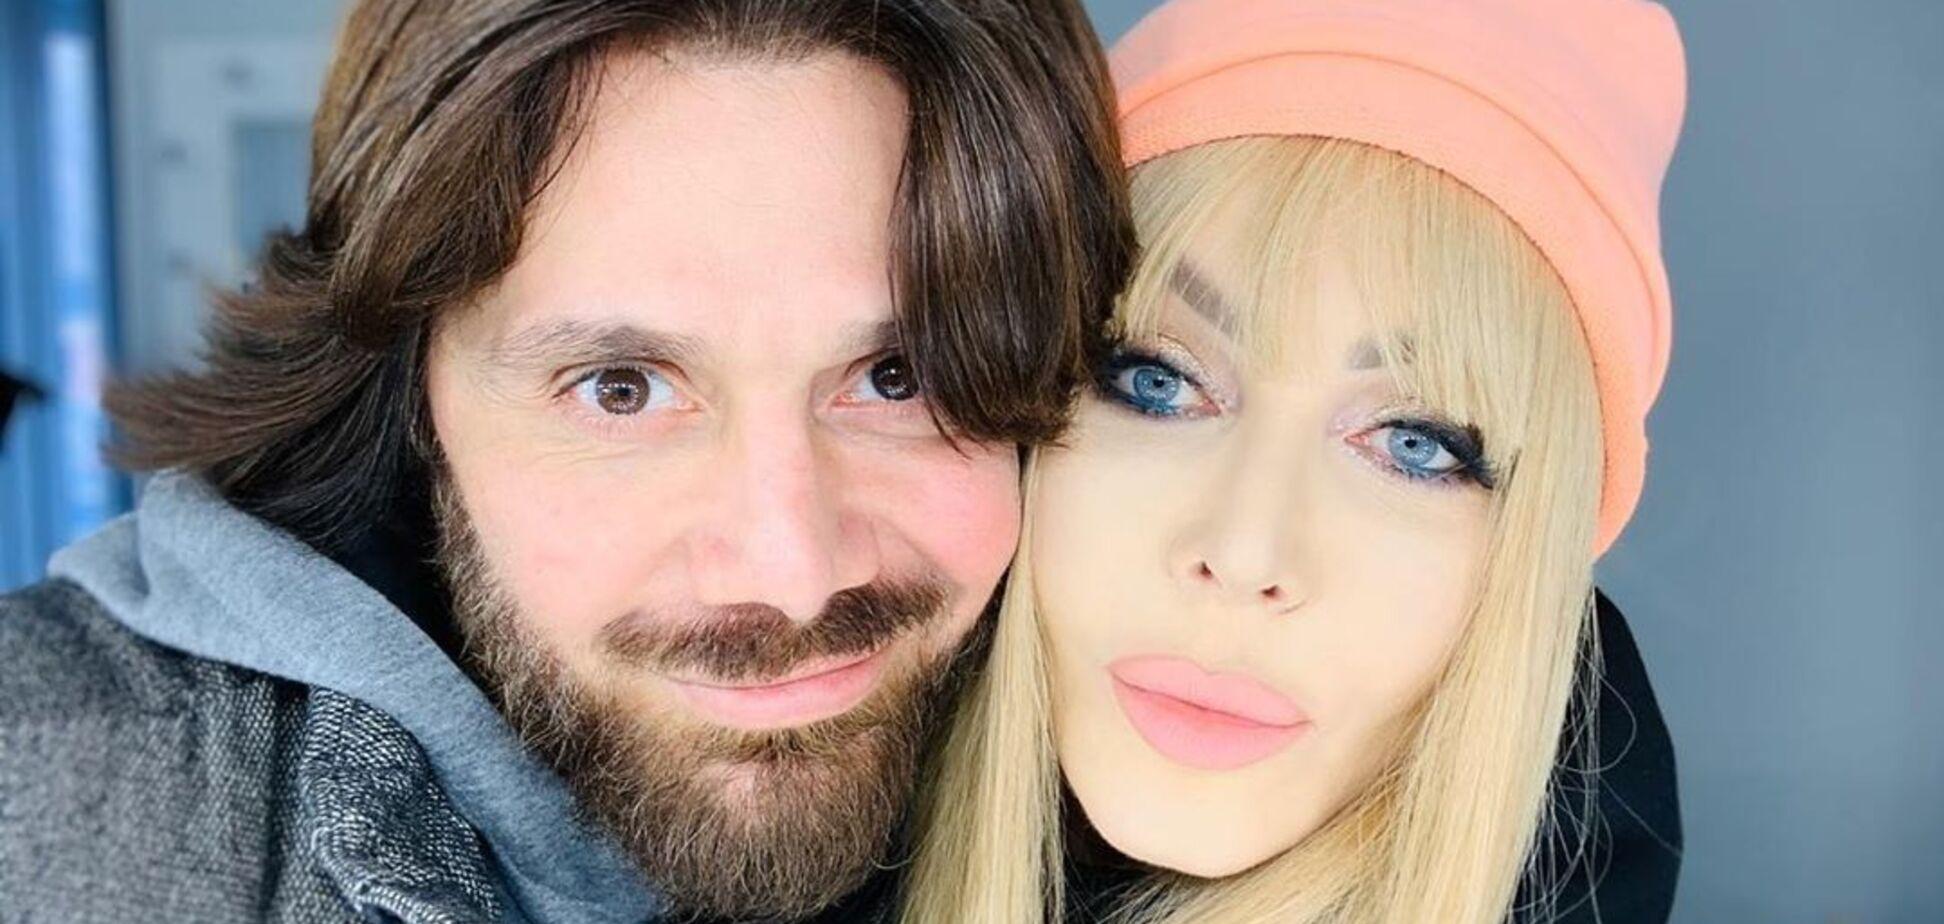 Билык рассказала о скандале с мужем-азербайджанцем из-за ревности